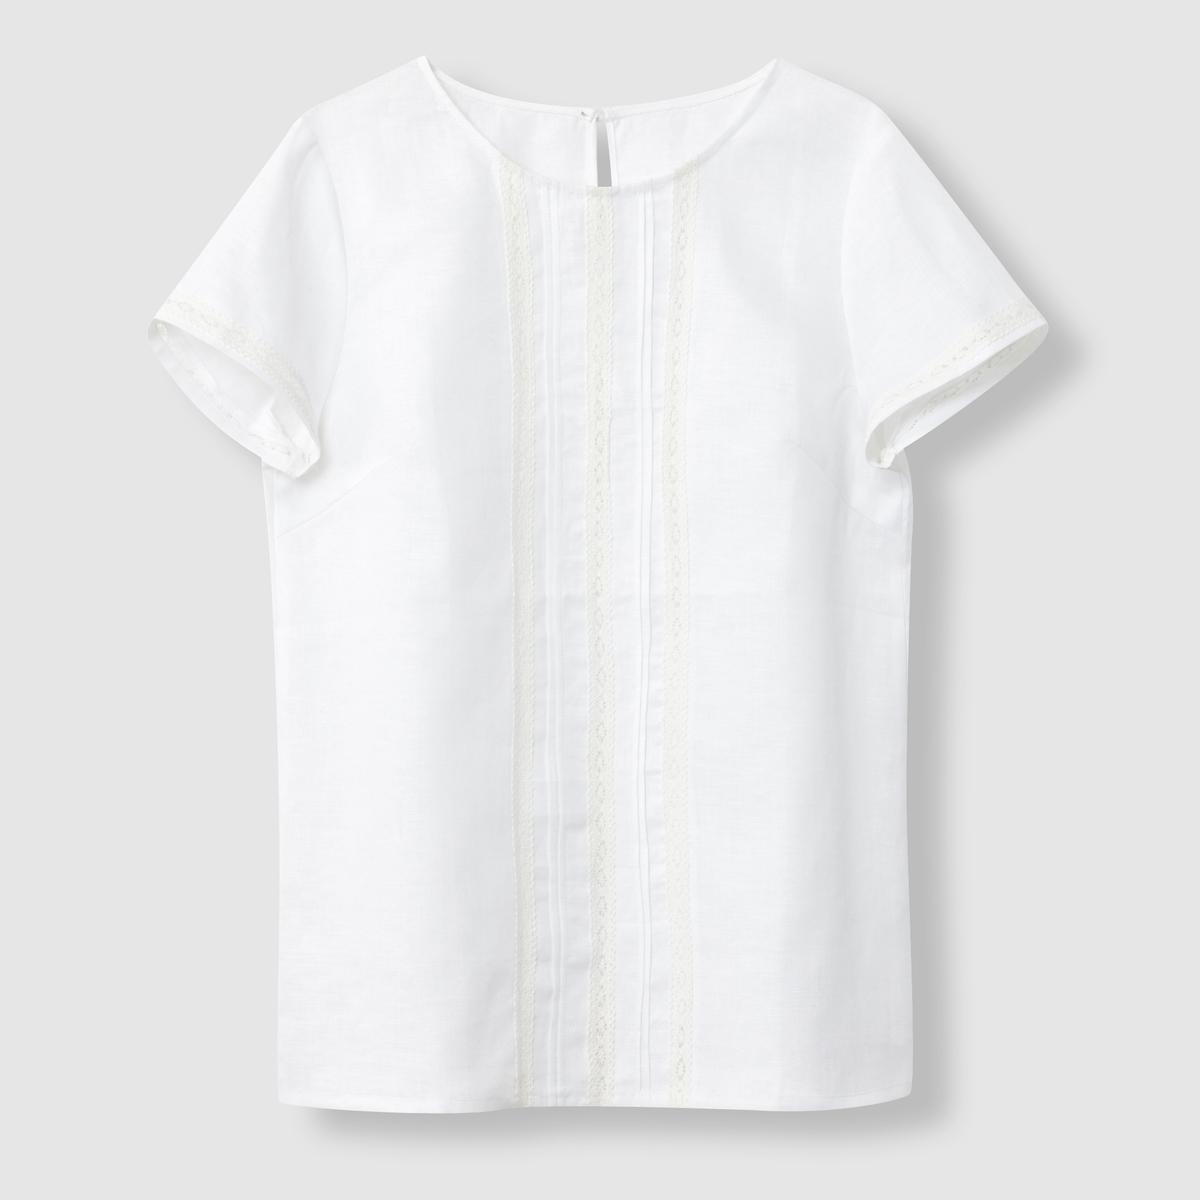 Блузка из хлопка и льна - R essentiel рубашка в полоску изо льна r essentiel